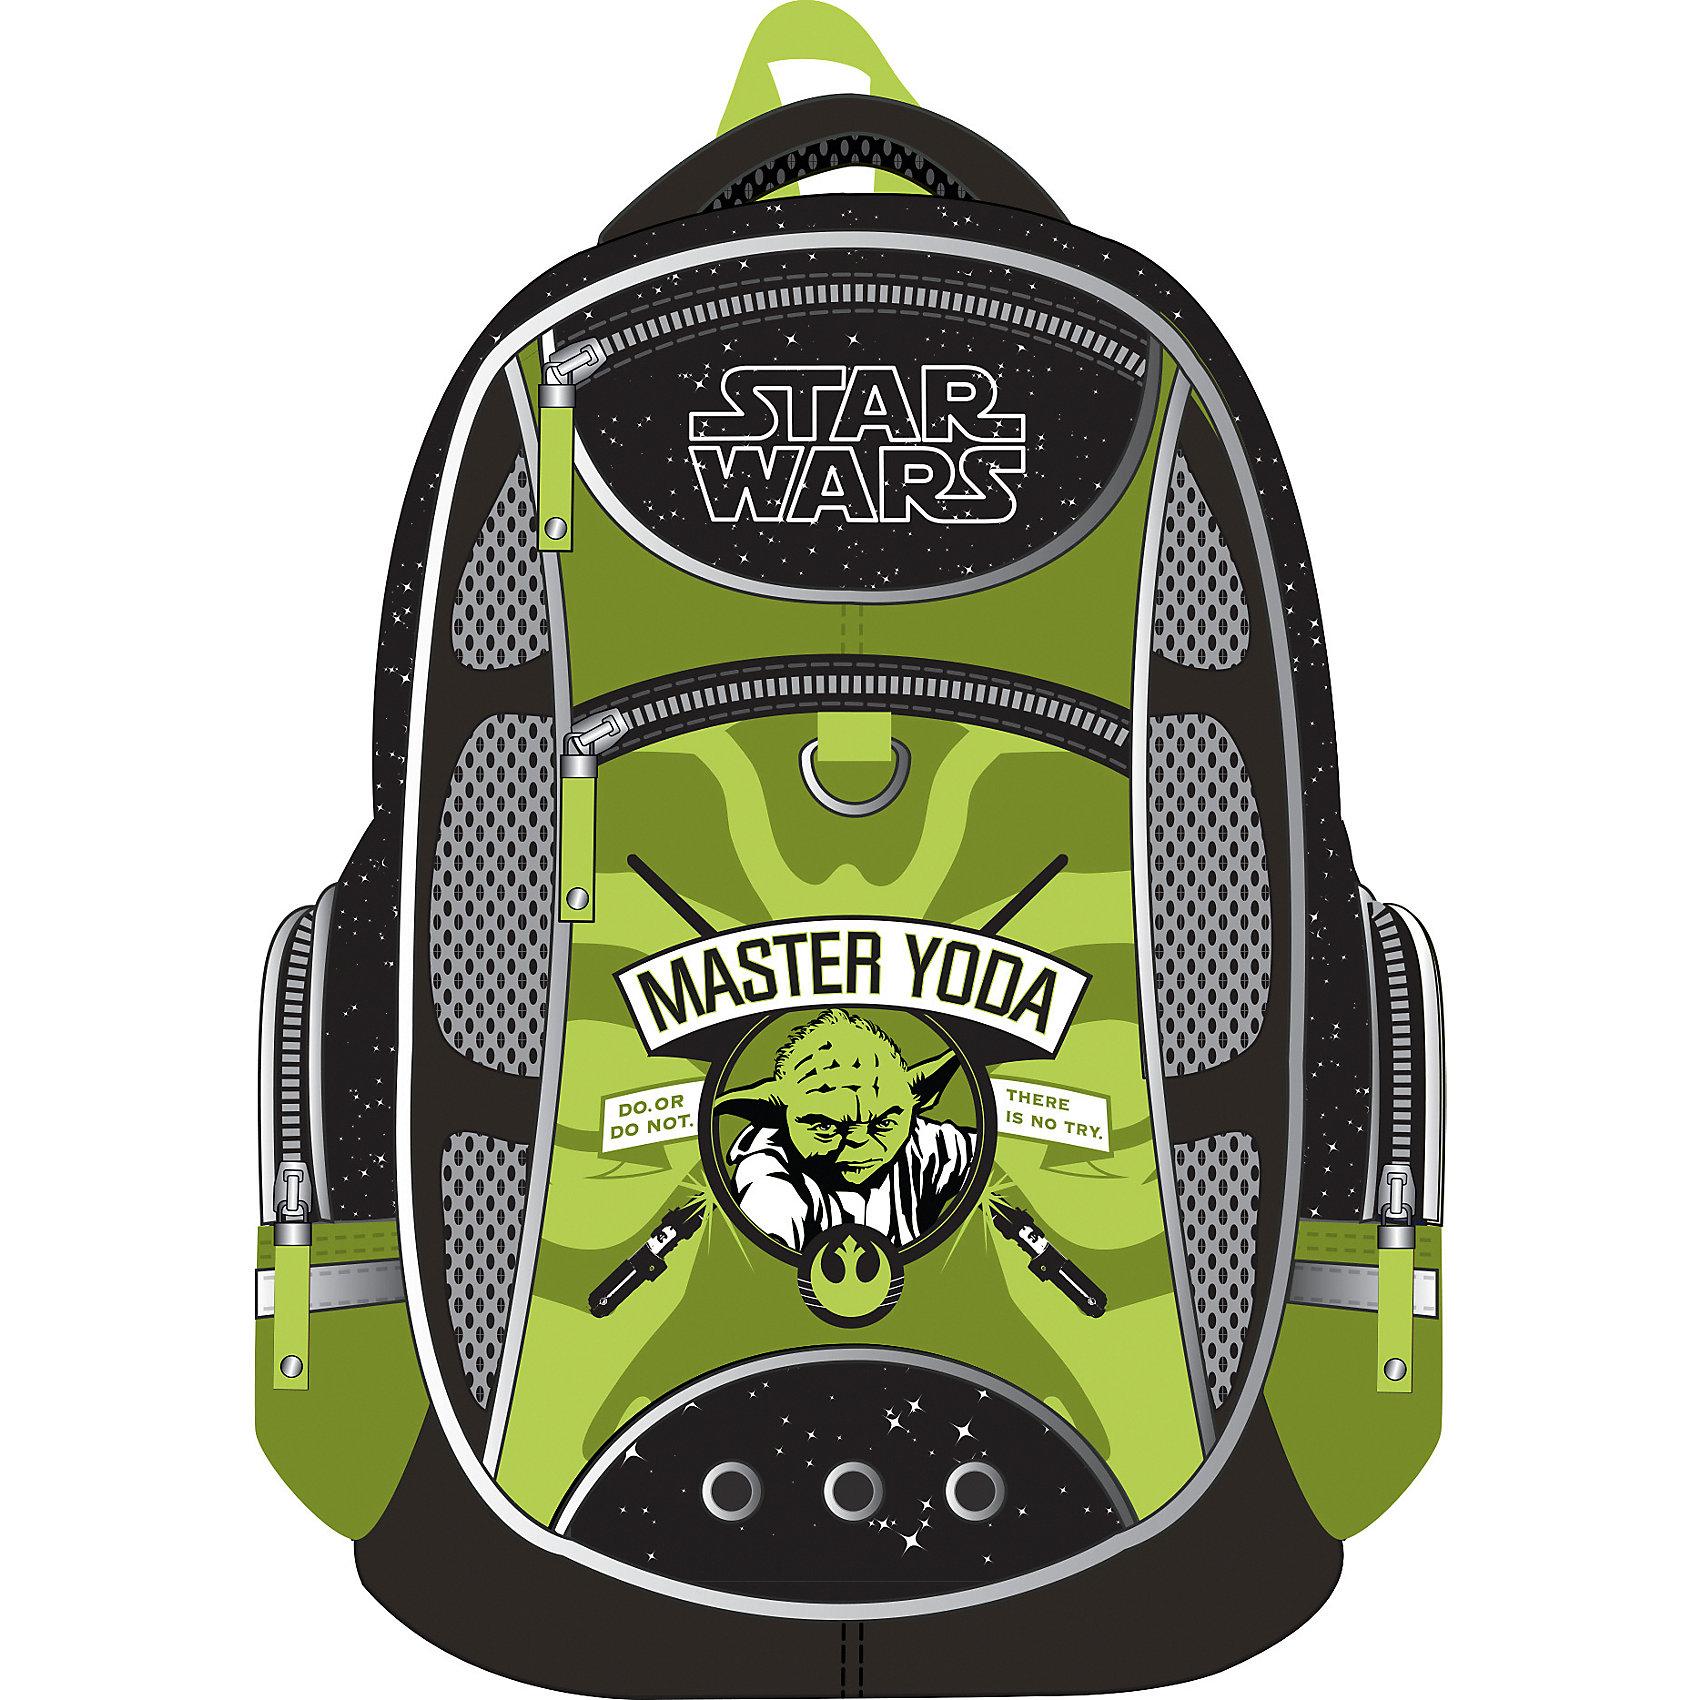 Школьный рюкзак Магистр Йода, Звездные войныРюкзаки<br>Школьный рюкзак, Star Wars – этот легкий вместительный рюкзак будет надежным спутником для вашего школьника.<br>У рюкзака Star Wars эргономичная конструкция спинки из подушечек с вентиляционными каналами, которая не только не дает ребенку сутулиться, но и обеспечивает идеальную вентиляцию для спины. Уплотненные S-образные лямки из вентилируемого сетчатого материала с системой регулирования для изменения положения рюкзака одним движением позволят снизить нагрузку на плечи. Рюкзак имеет 2 отделения, два фронтальных кармана на молниях, дополнительные боковые карманы, закрывающиеся на застежки-молнии. Дно укреплено пластиковыми ножками и внутренней откидывающейся жесткой вставкой. Имеется мягкая ручка и петля для подвешивания. Светоотражающие элементы, расположенные с 3х сторон изделия, обеспечивает большую безопасность в темноте.<br><br>Дополнительная информация:<br><br>- Размер: 44 x 31 x 16 см.<br>- Вес: 450 гр.<br>- Материал: полиэстер<br><br>Школьный рюкзак, Star Wars можно купить в нашем интернет-магазине.<br><br>Ширина мм: 280<br>Глубина мм: 140<br>Высота мм: 380<br>Вес г: 810<br>Возраст от месяцев: 72<br>Возраст до месяцев: 120<br>Пол: Унисекс<br>Возраст: Детский<br>SKU: 7049497